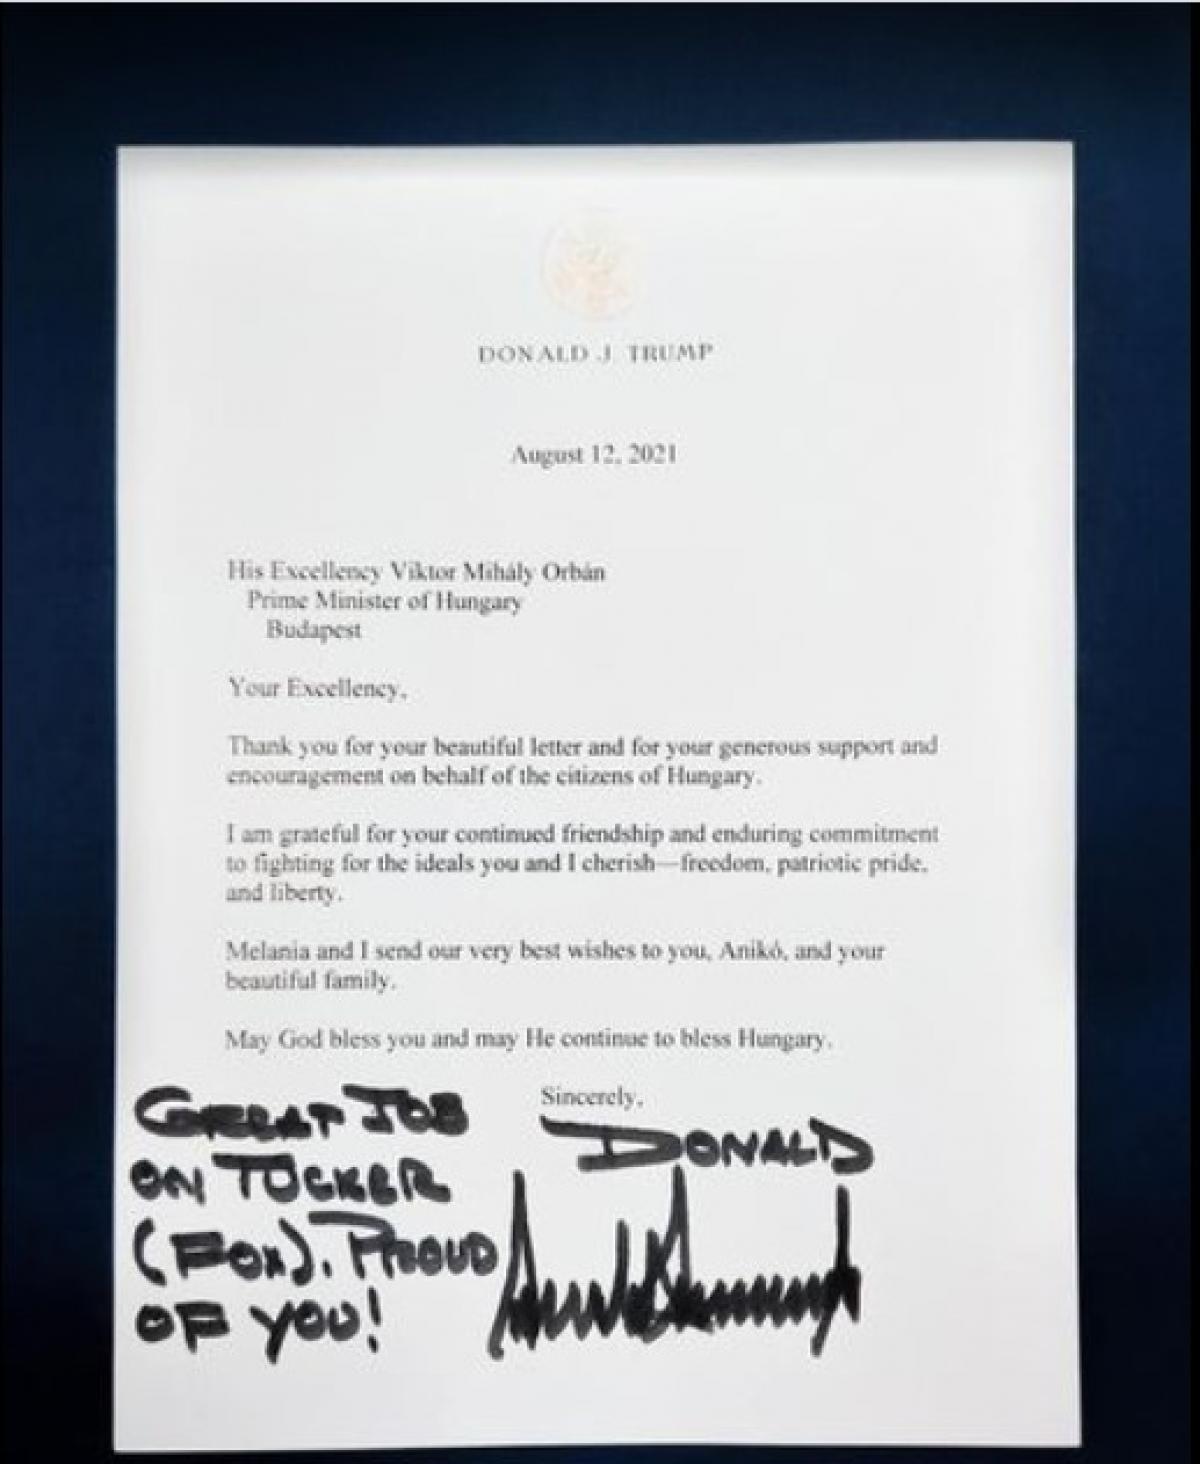 Trump elnök levélben gratulált Orbánnak a Tucker Carlson interjú után